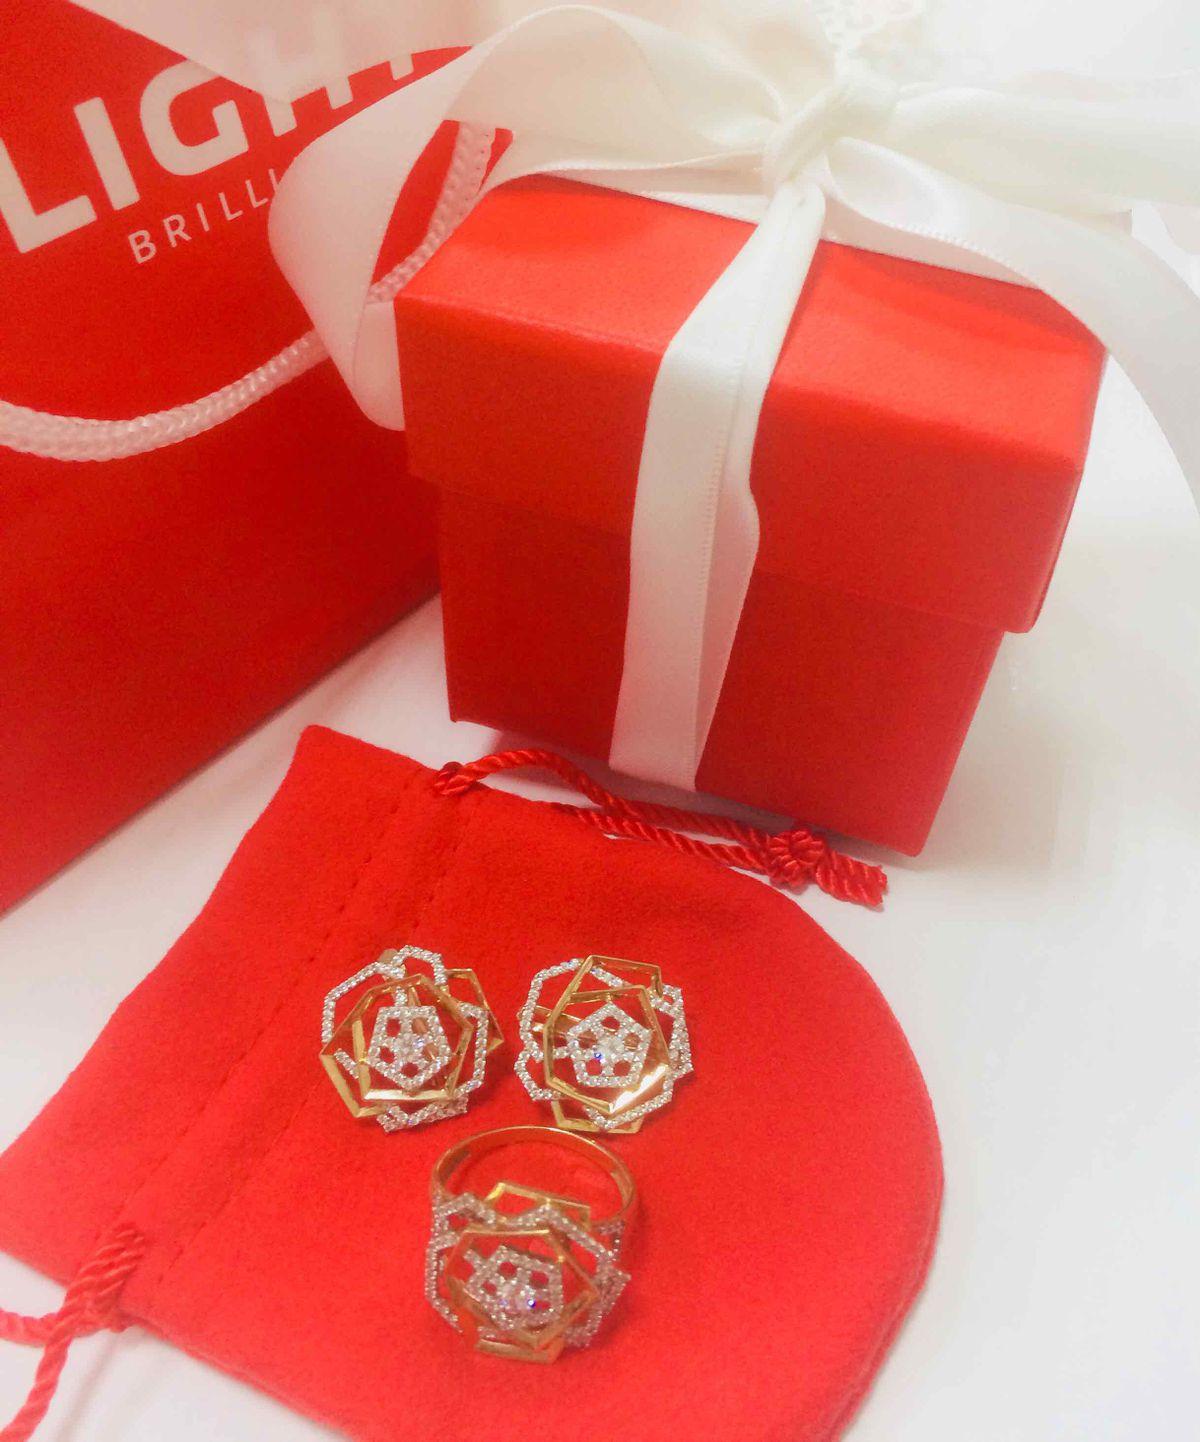 Серги супер ))) сделала себе подарок на день рожденье ❤️❤️❤️❤️❤️ супер sl